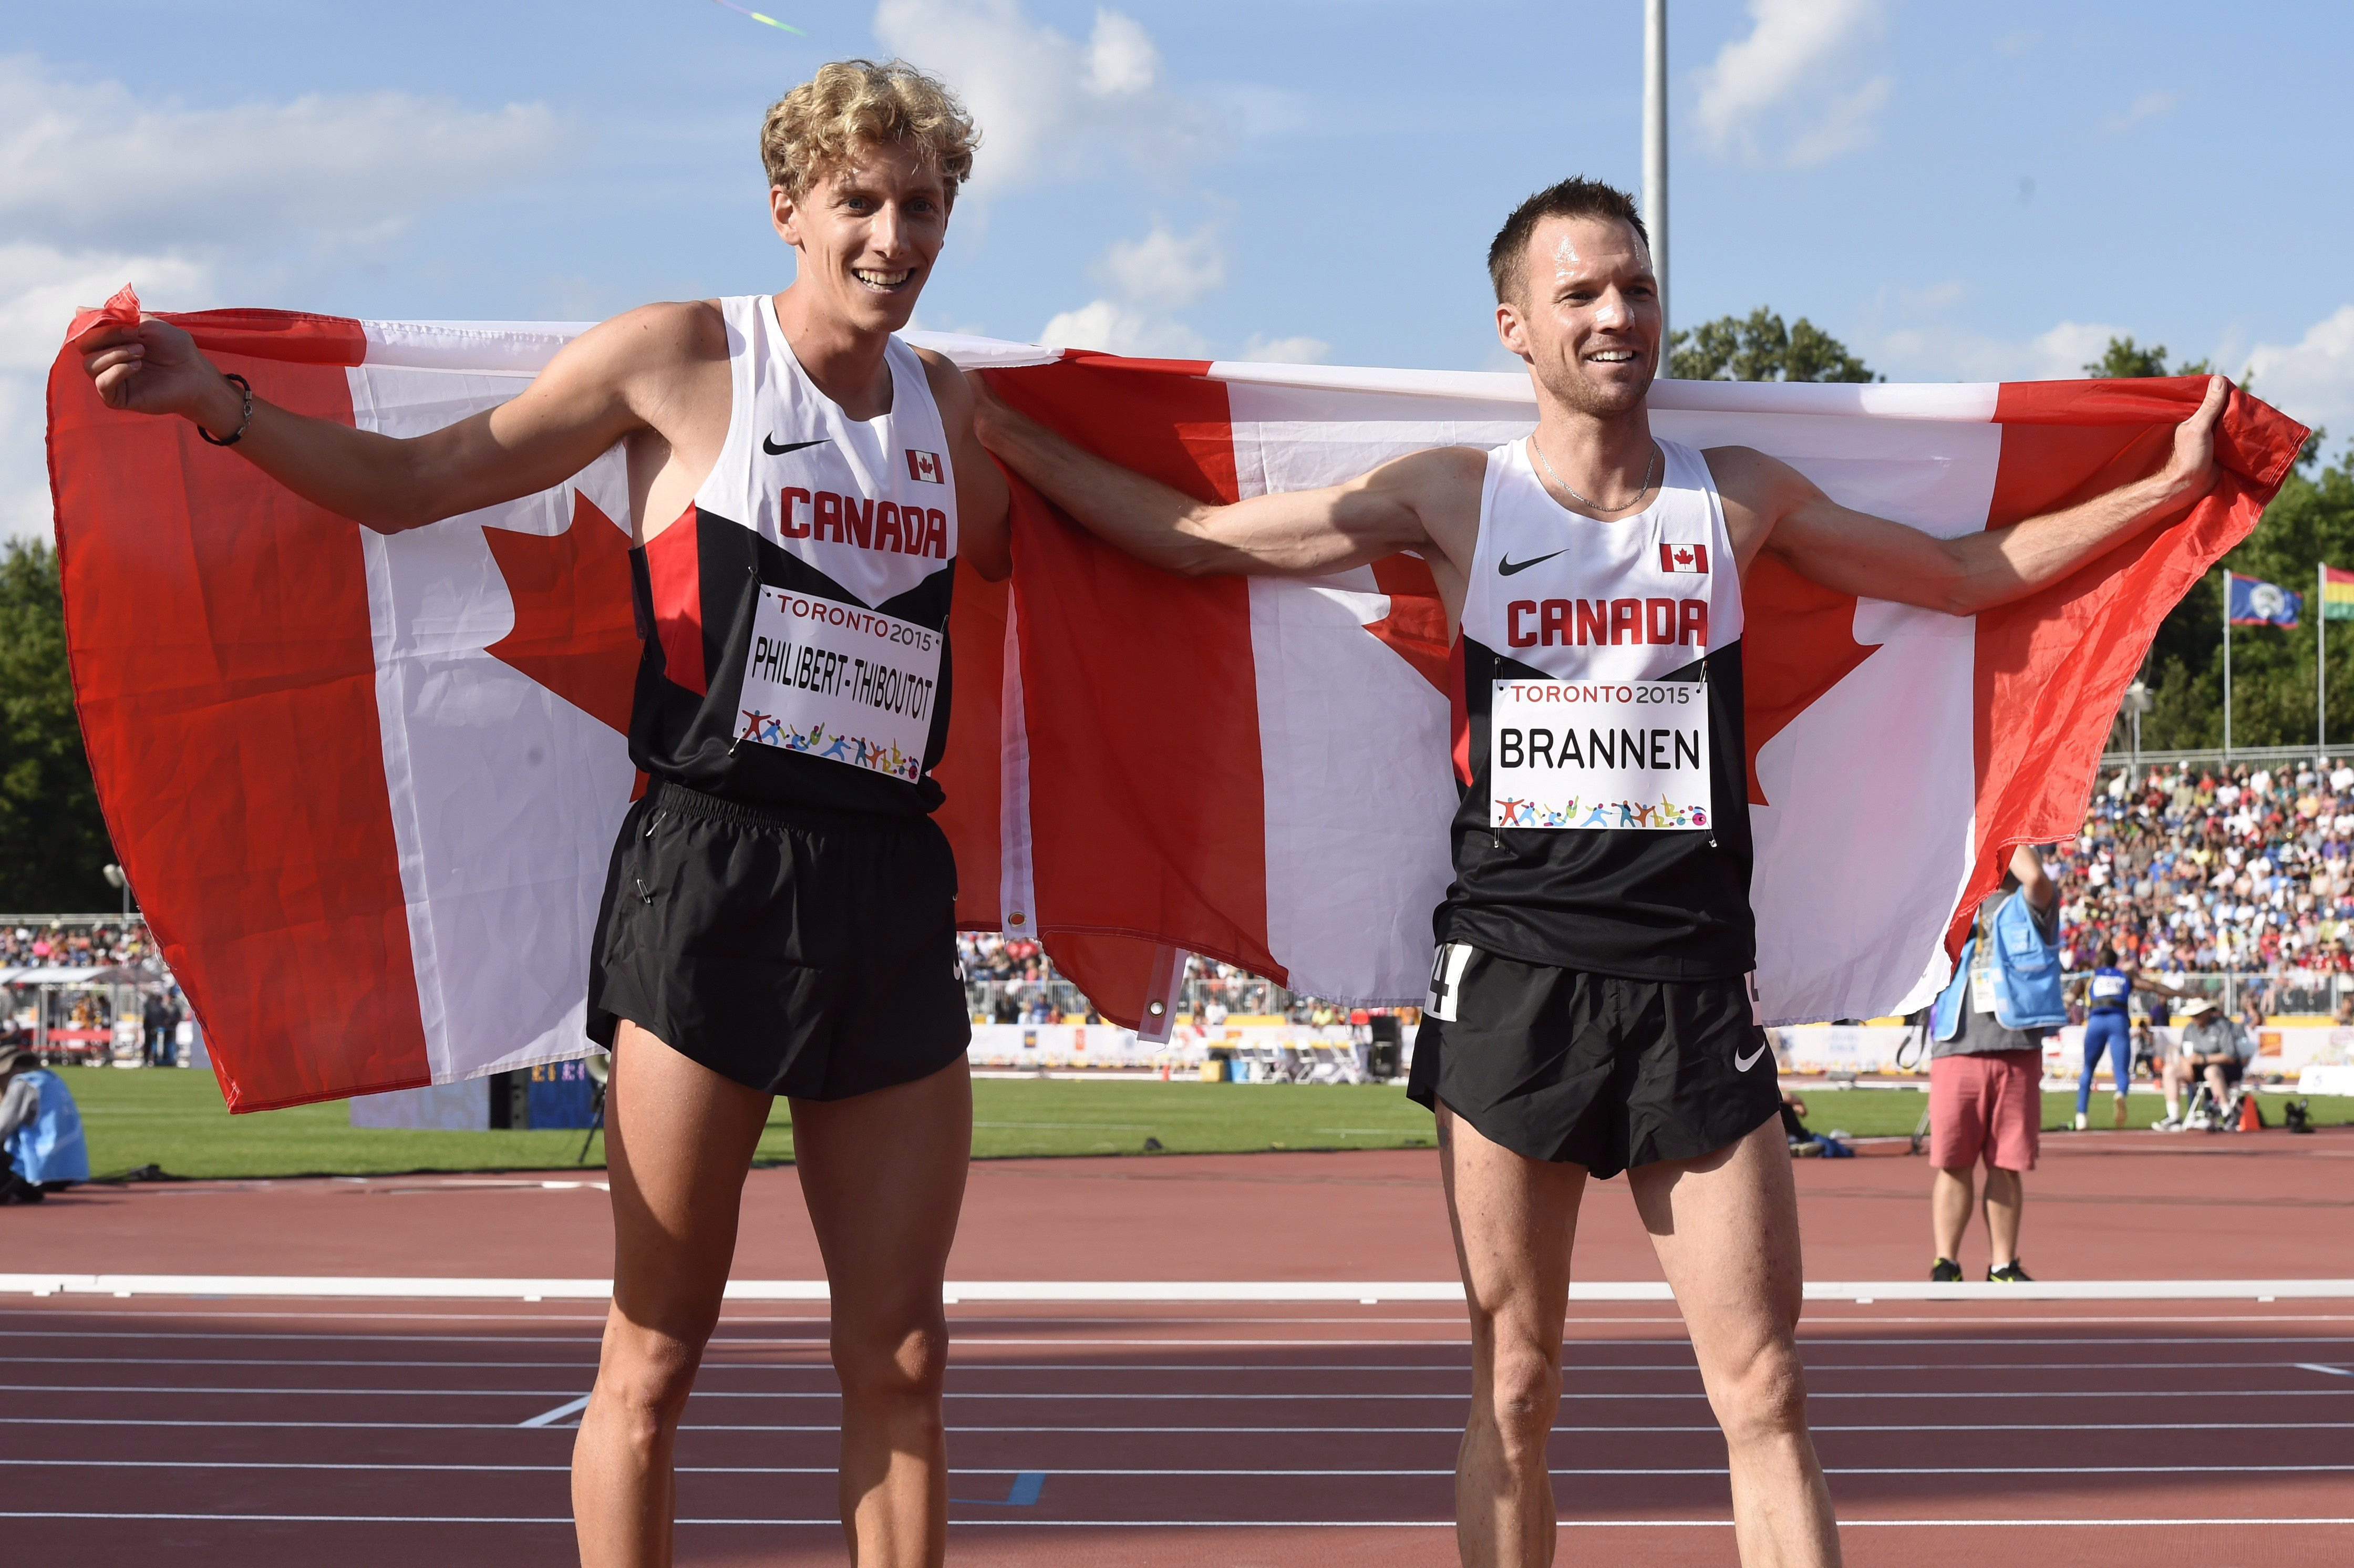 Le médaillé de bronze Charles Philibert-Thiboutot, gauche, et le médaillé d'argent Nathan Brannen tout sourire après leur doublé au 1500 m, le 24 juillet 2015.